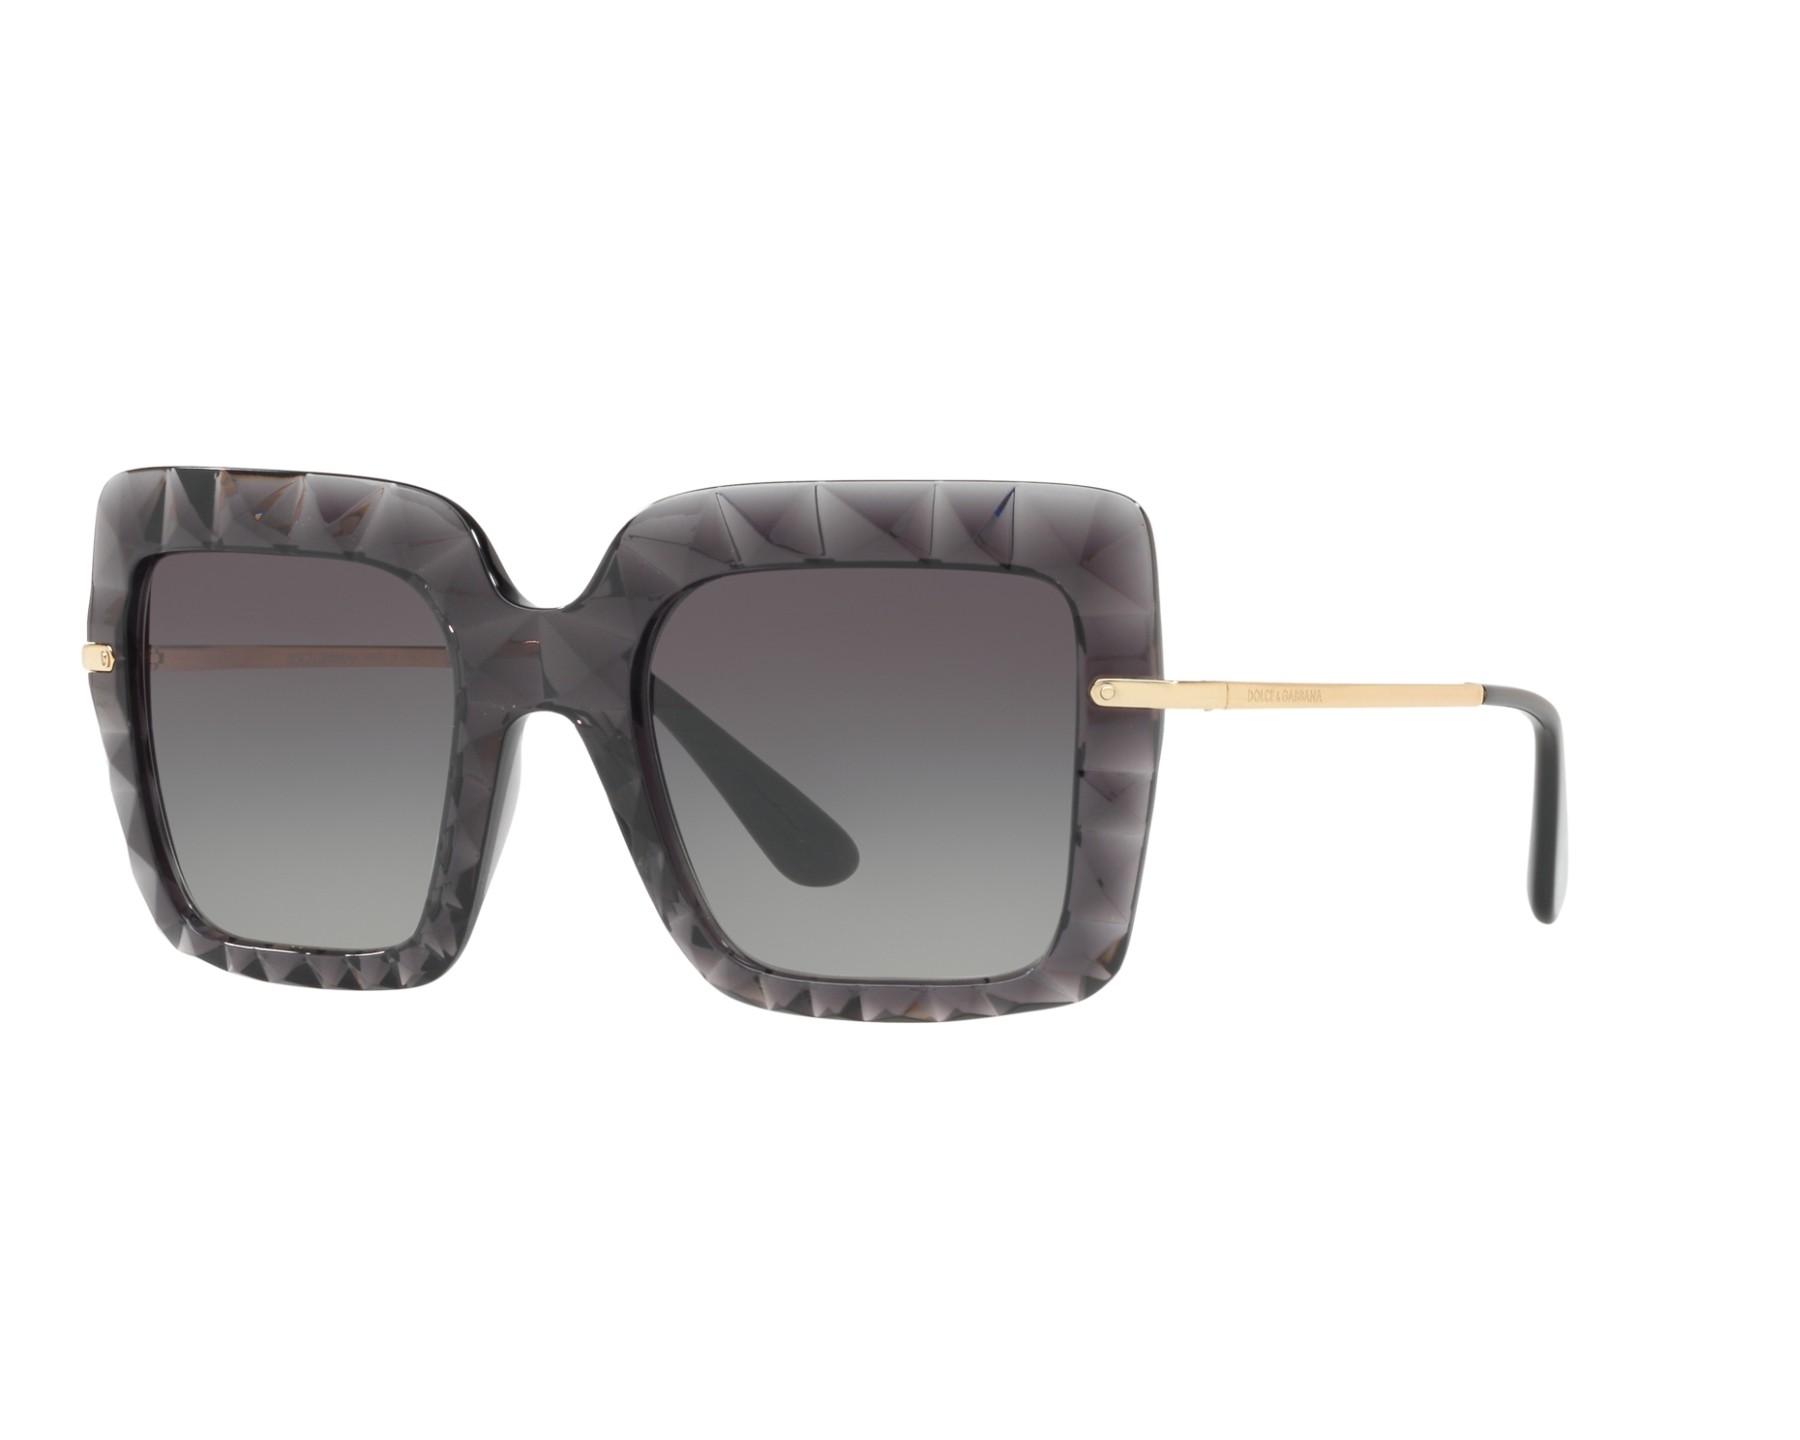 Dolce & Gabbana DG6111 504/8G 51 mm/22 mm Ofg1T